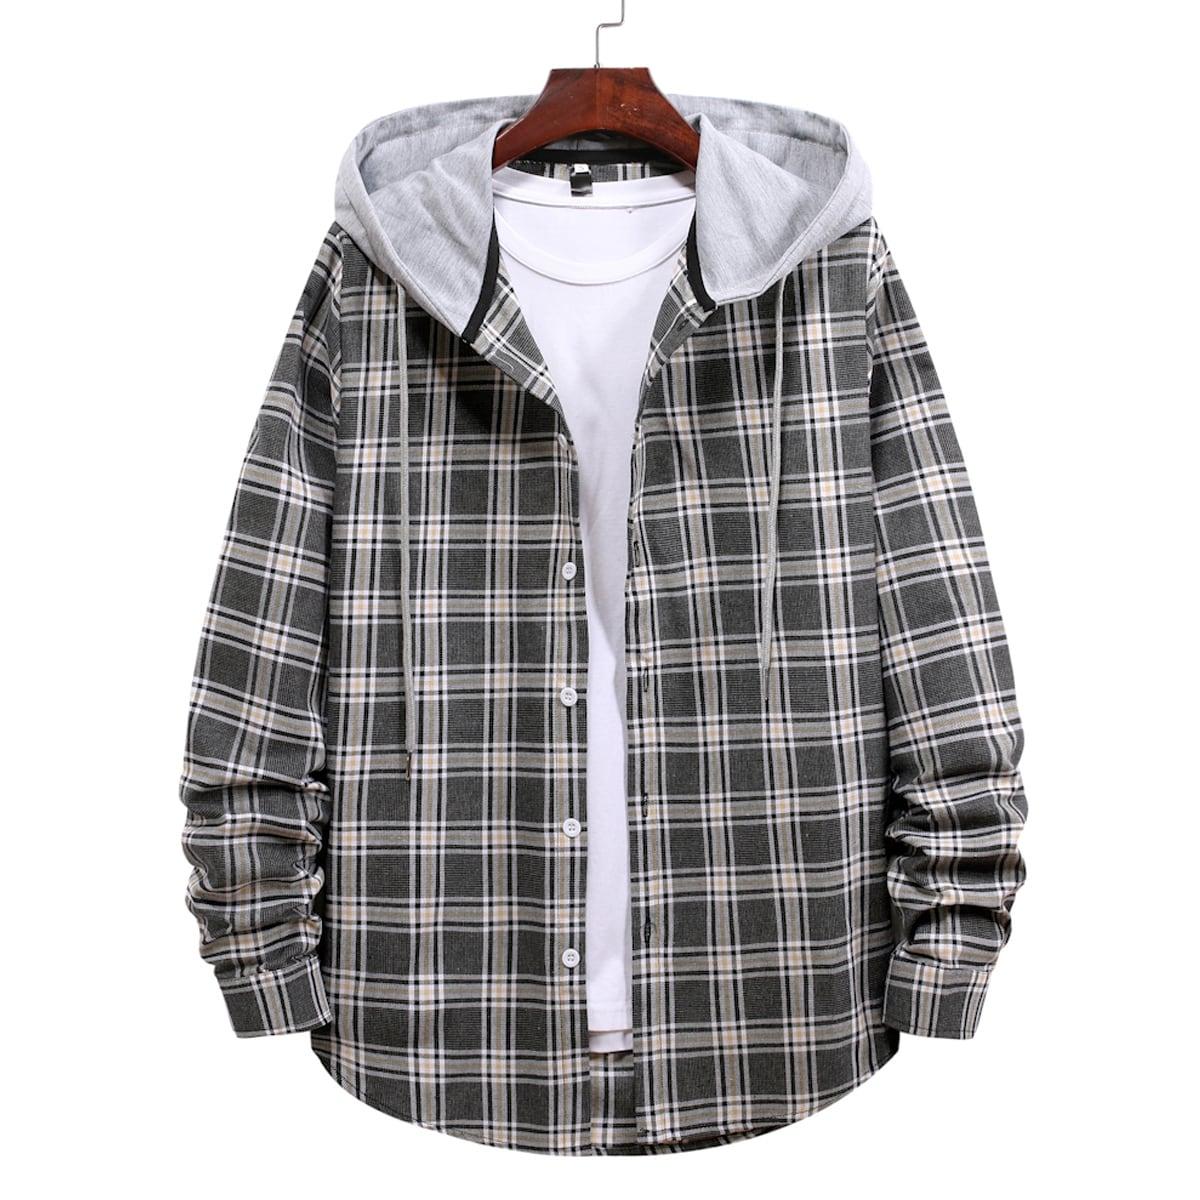 Пуговица Клетчатый Институтский Мужские рубашки SheIn rmshirt03201210920